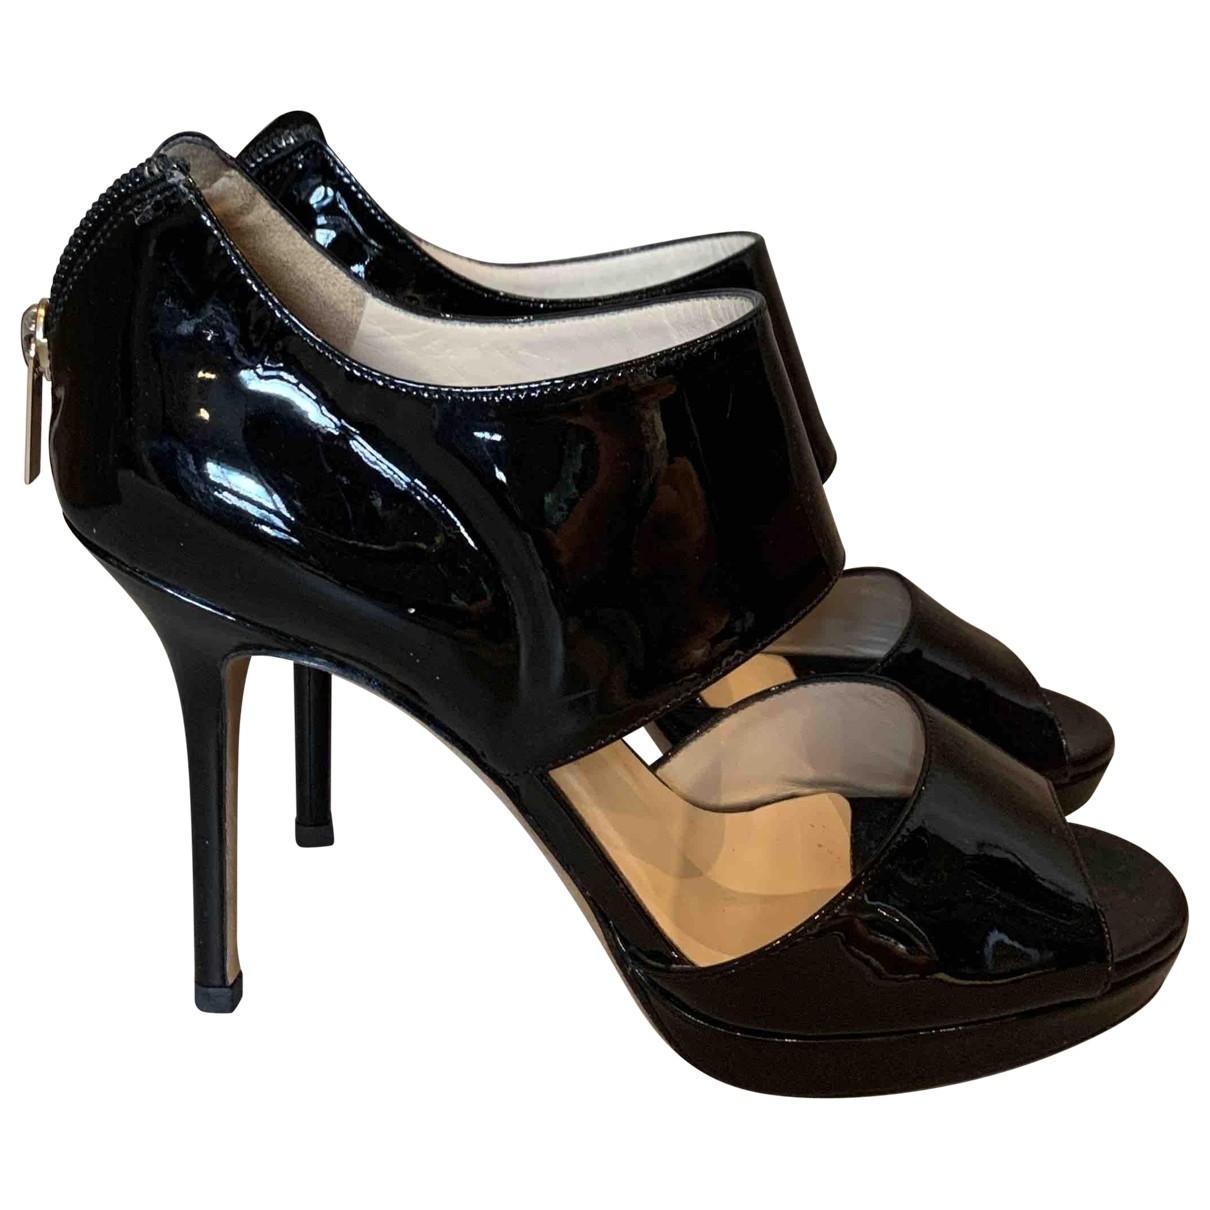 Jimmy Choo - Escarpins   pour femme en cuir verni - noir